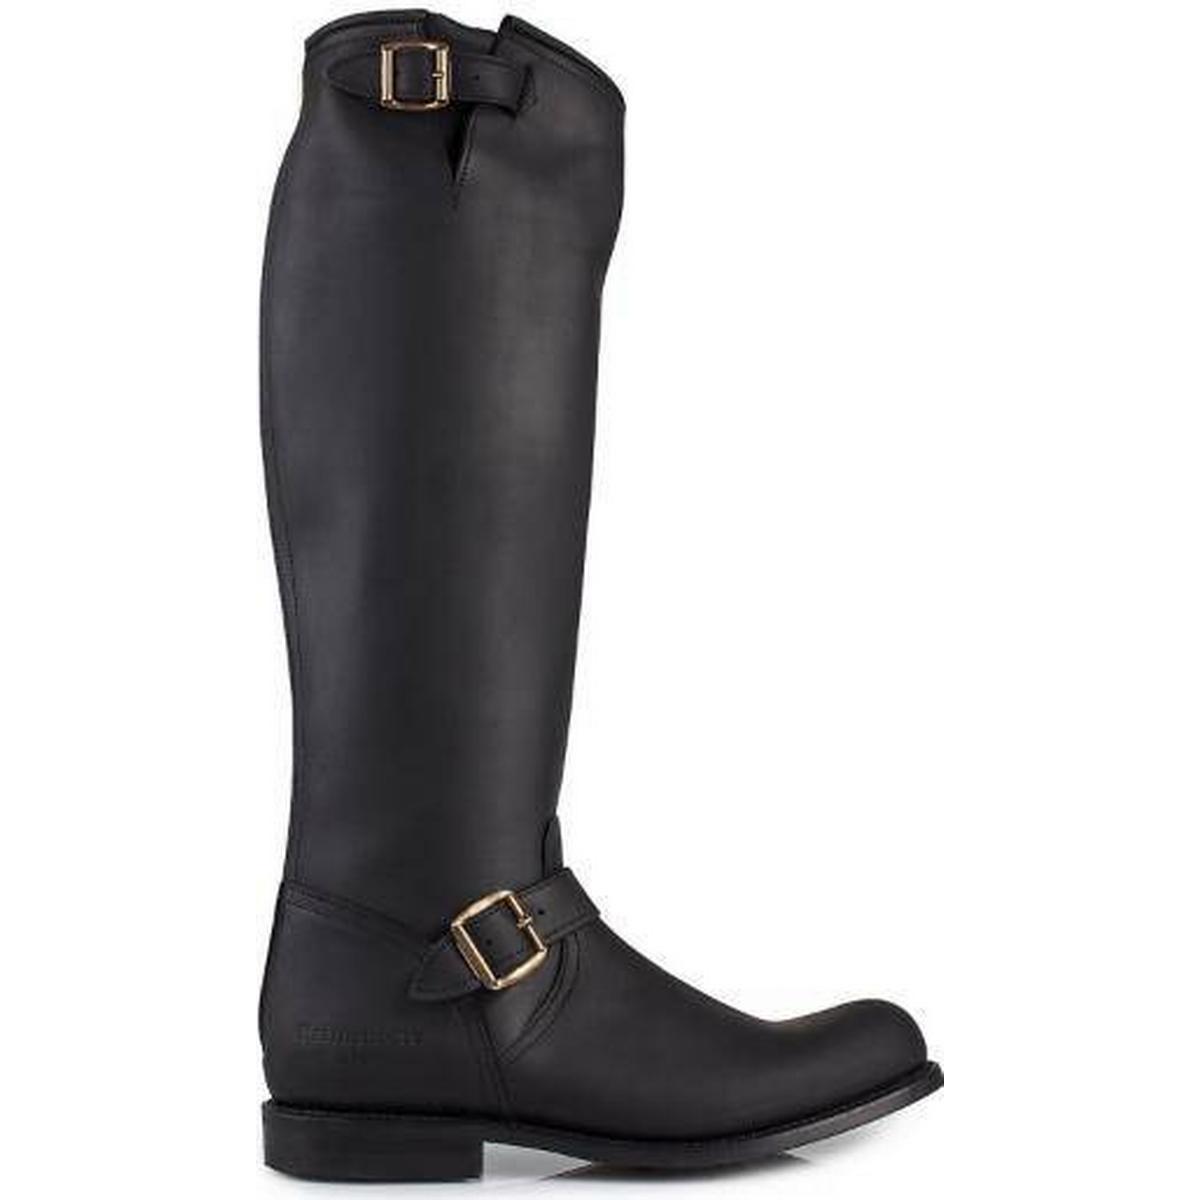 86e55b6572e Knæhøje støvler - Sammenlign priser hos PriceRunner